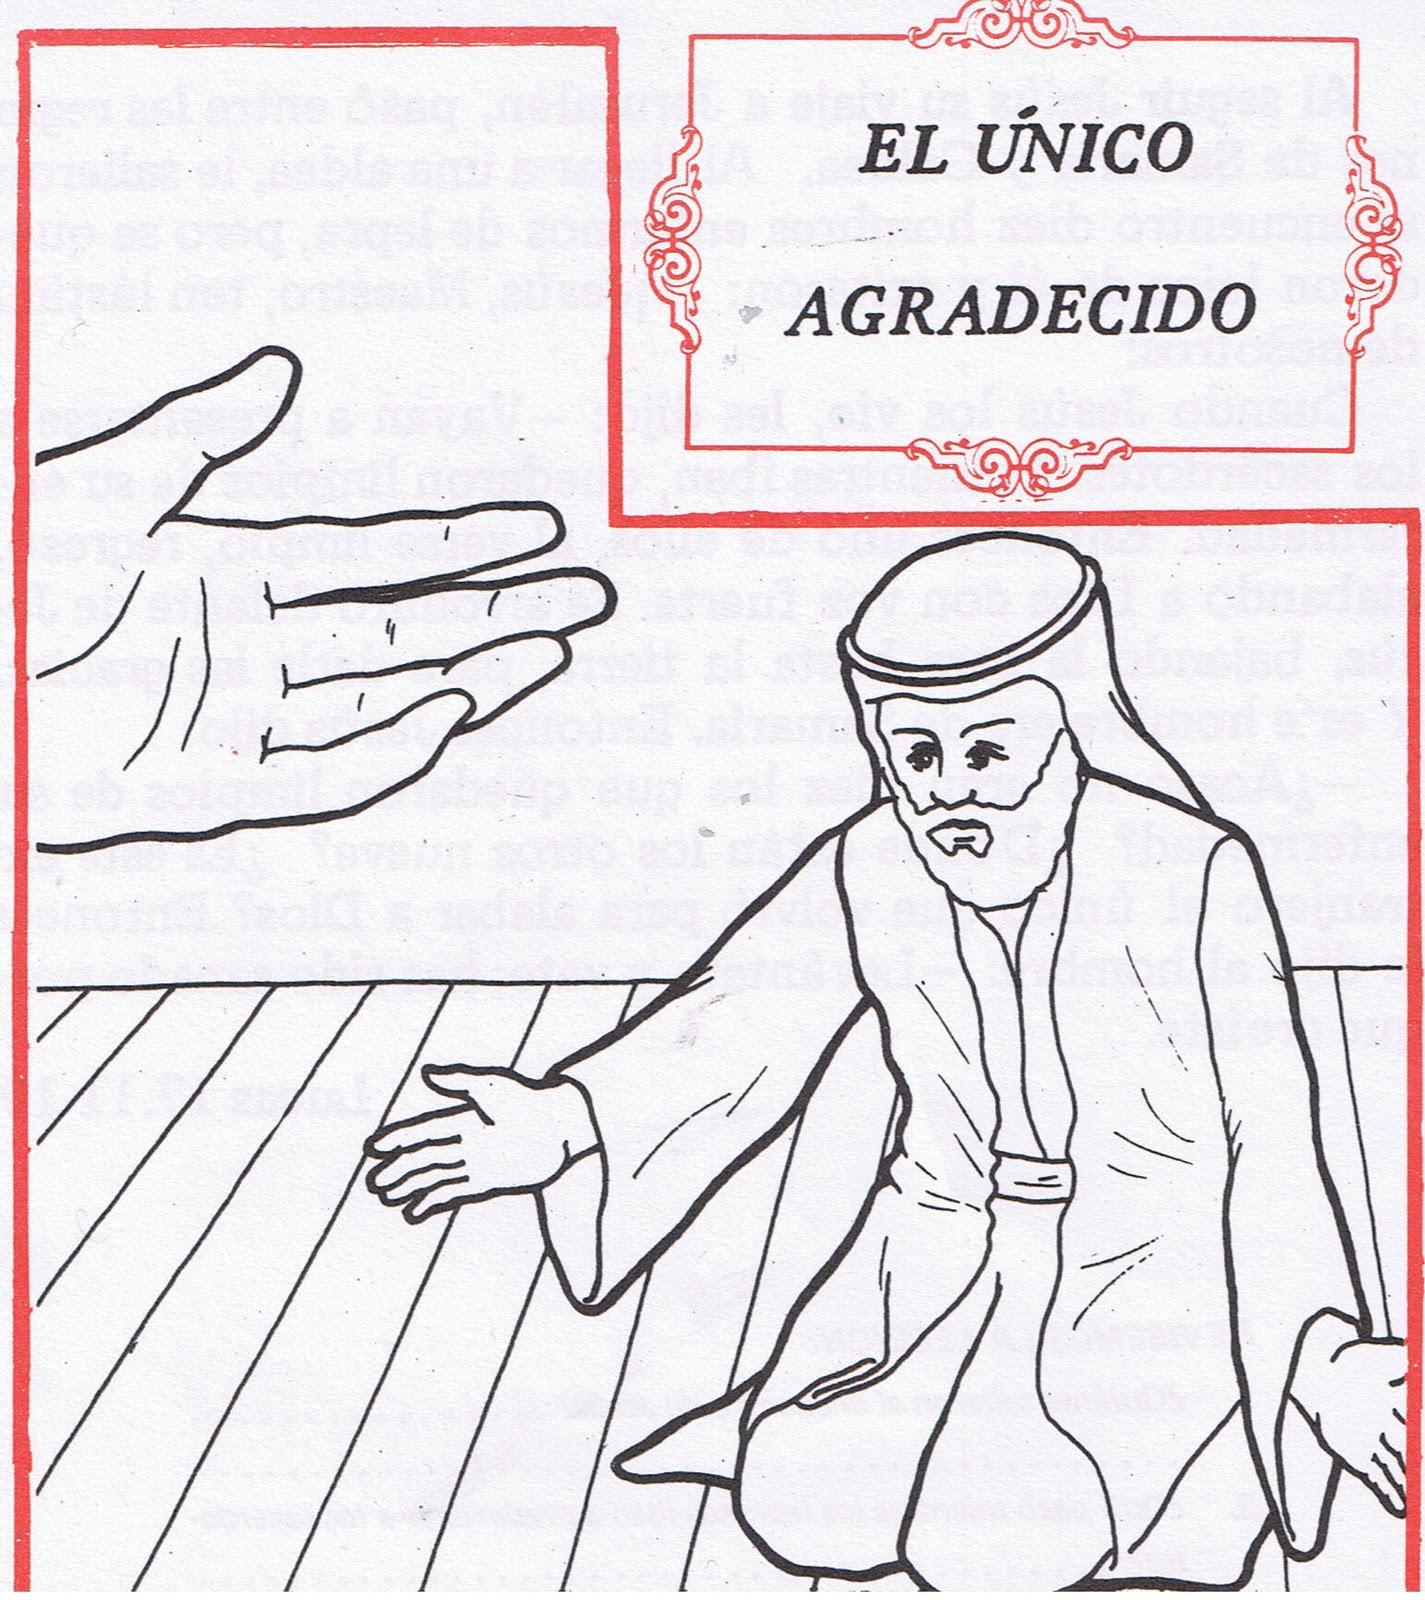 UNA VIDA EN CRISTO MAS VICTORIOSA CADA DIA: Figura del El Unico ...